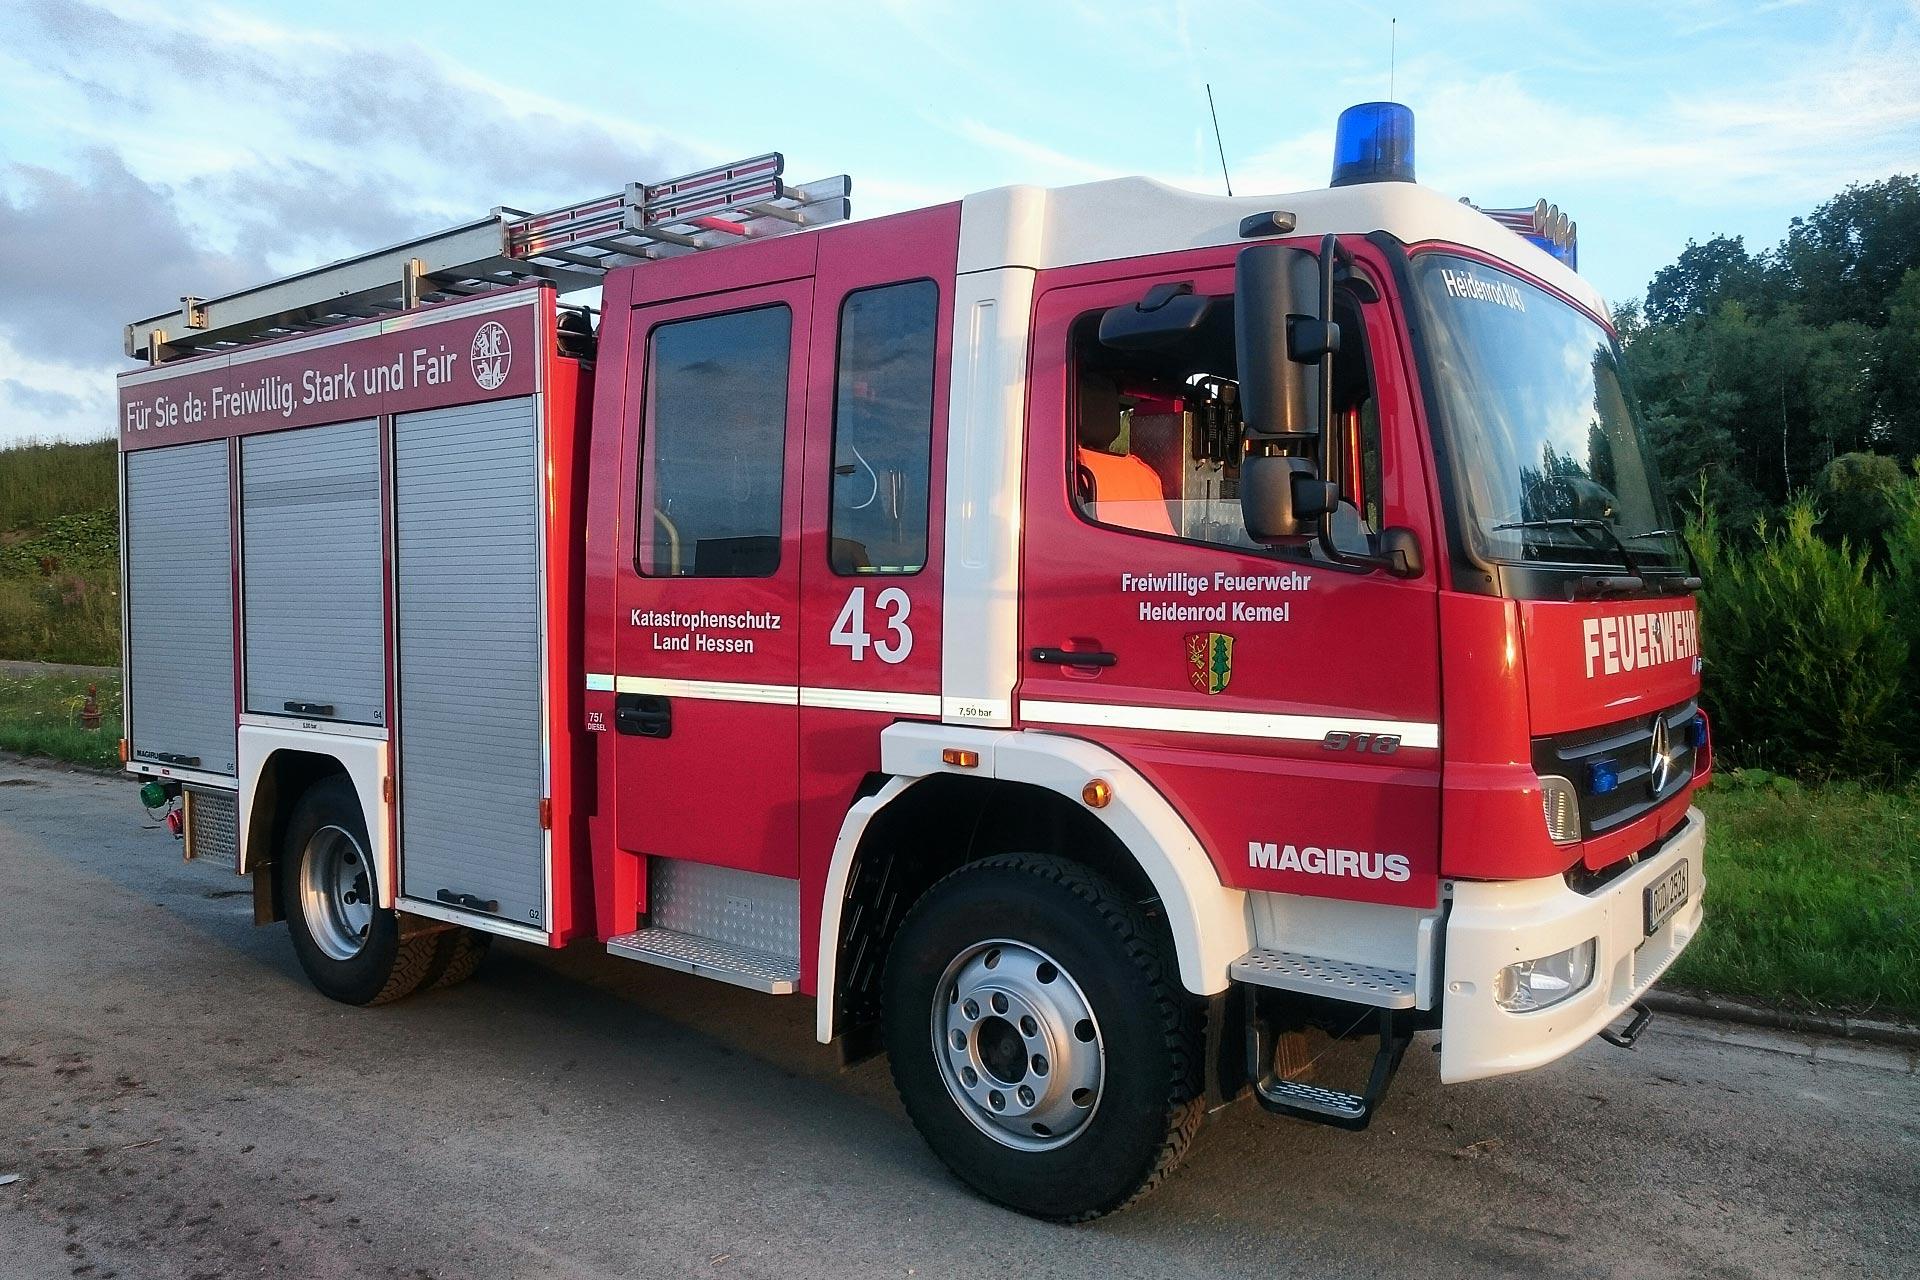 Feuerwehr Kemel erhält das LF 10 aus Zorn - Tragkraftspritzen-fahrzeug wird nach 27 Jahren ausgemustert